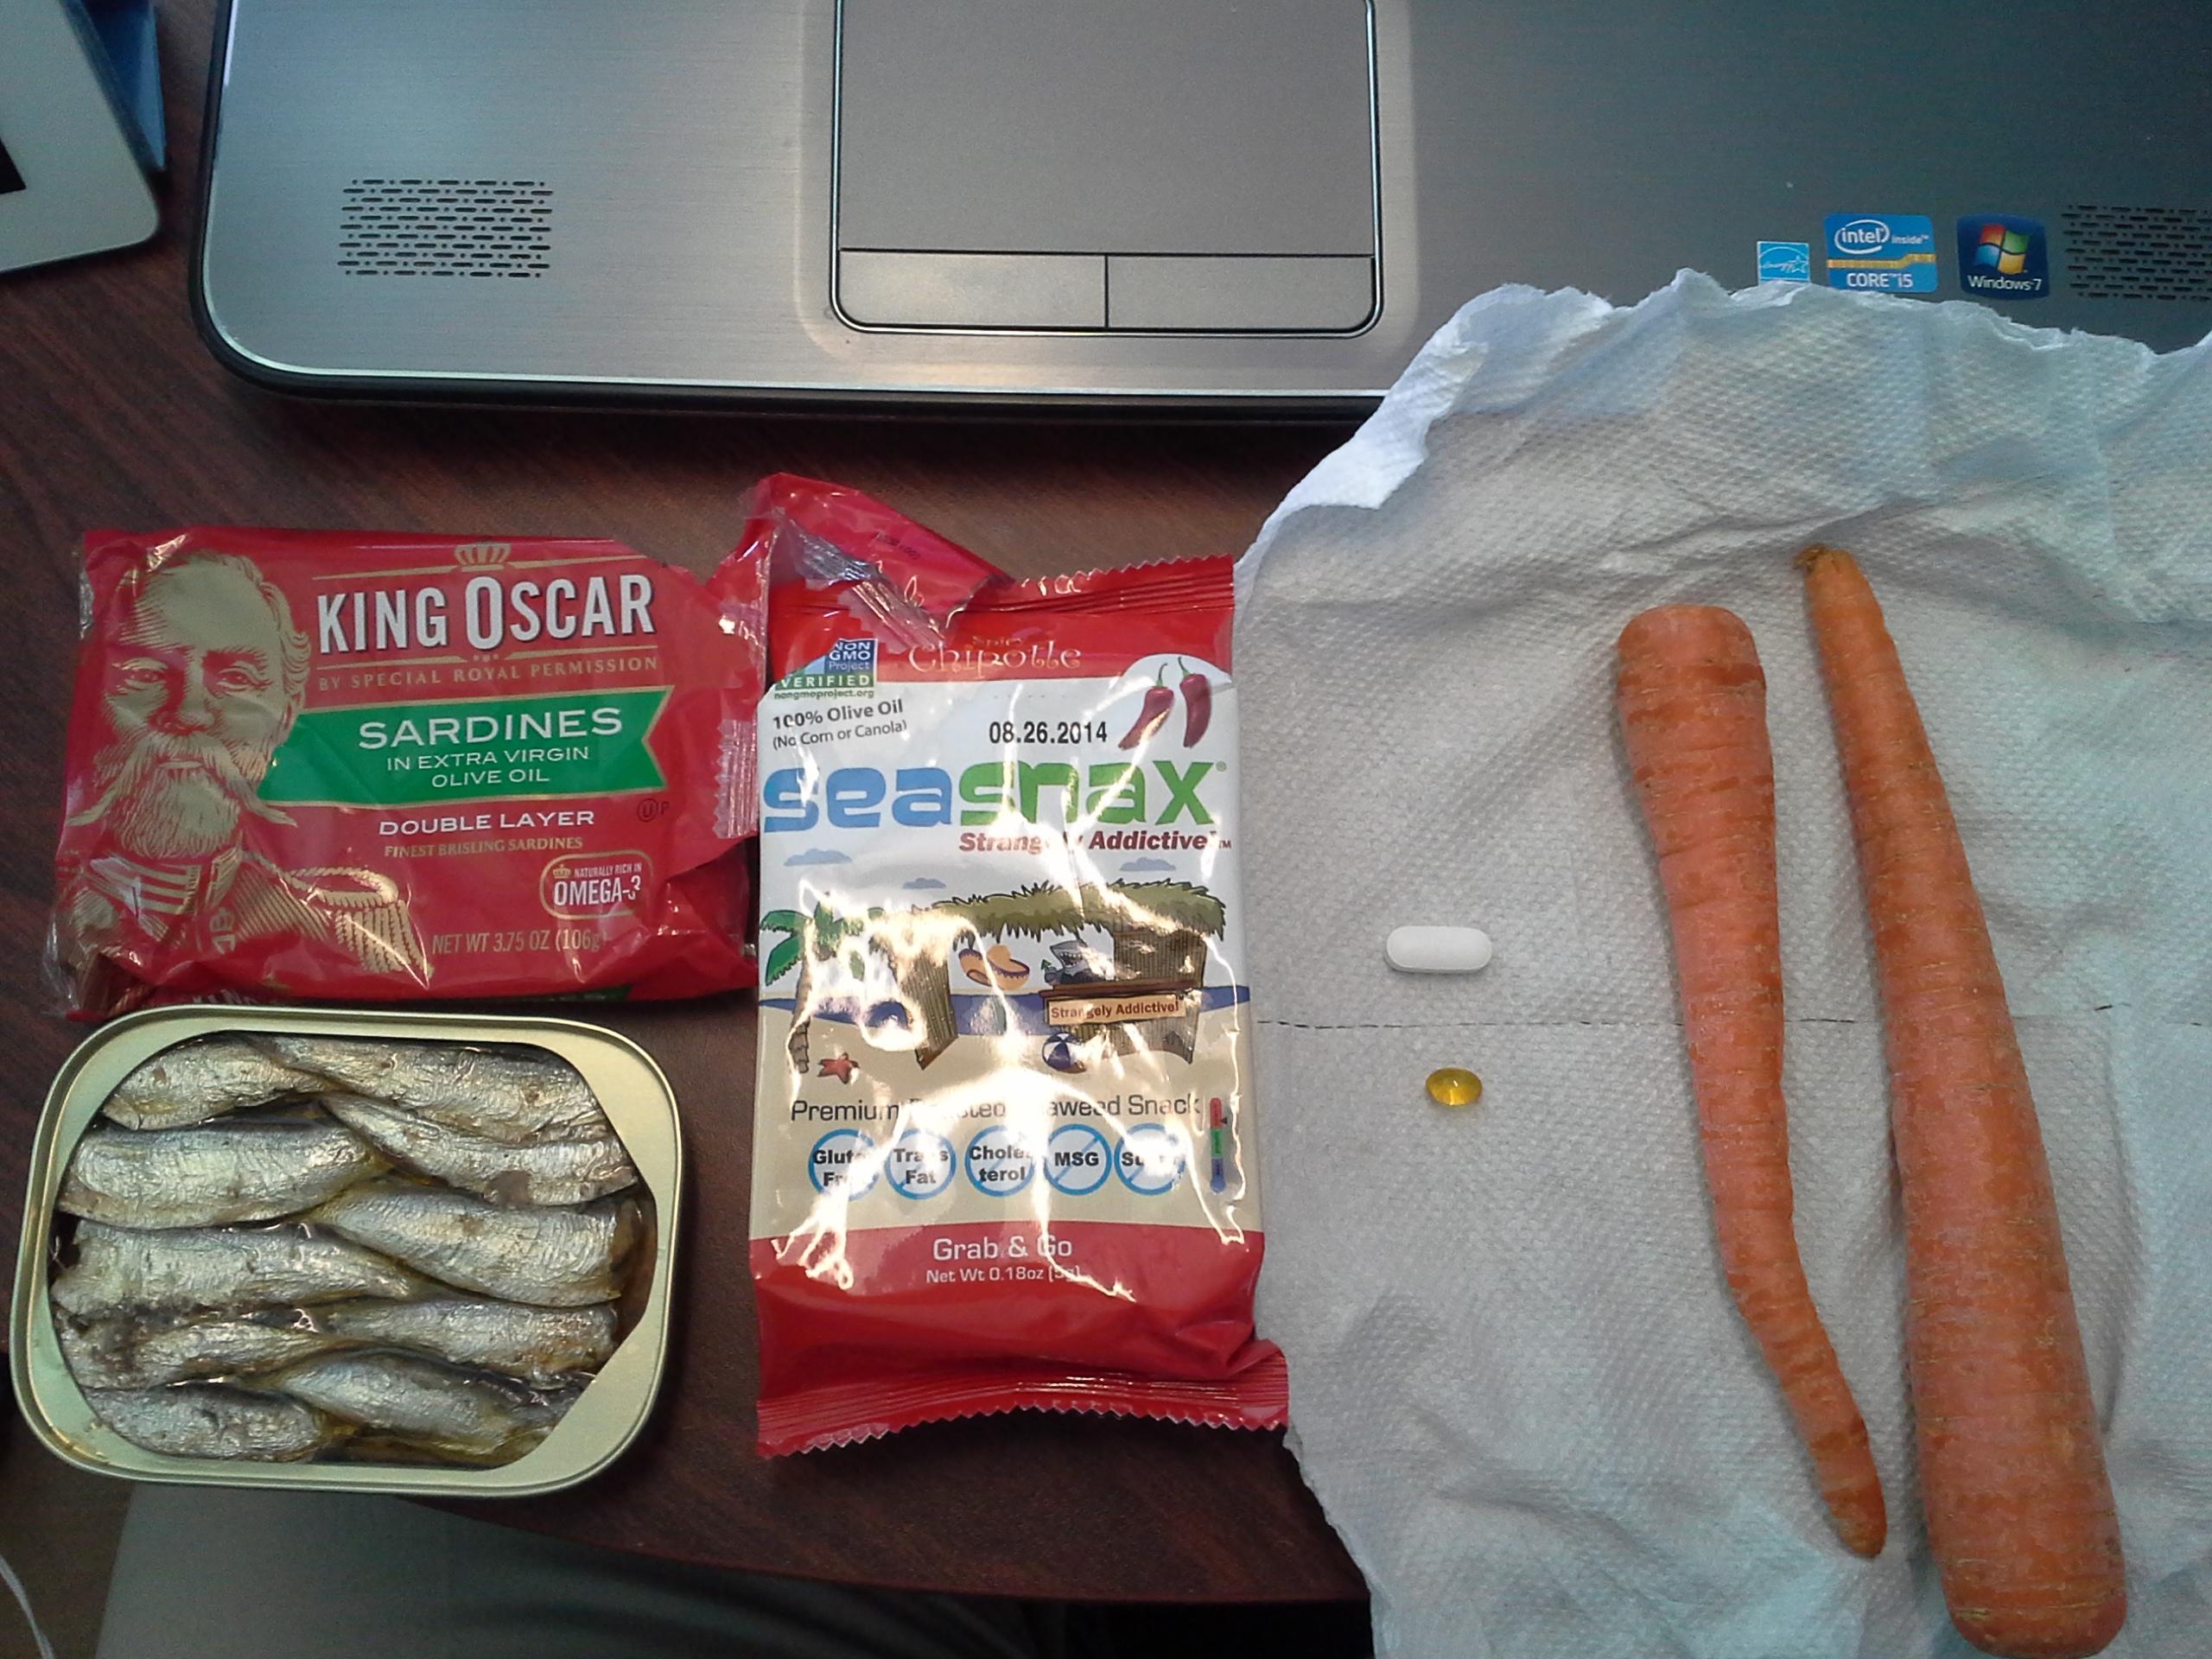 Lunch: 5:00 p.m. | 3.75 oz. sardines, 2 carrots, .18 oz. chipotle SeaSnax seaweed, 5,000 IU Vitamin D capsule, Calcium/Magnesium/Zinc caplet